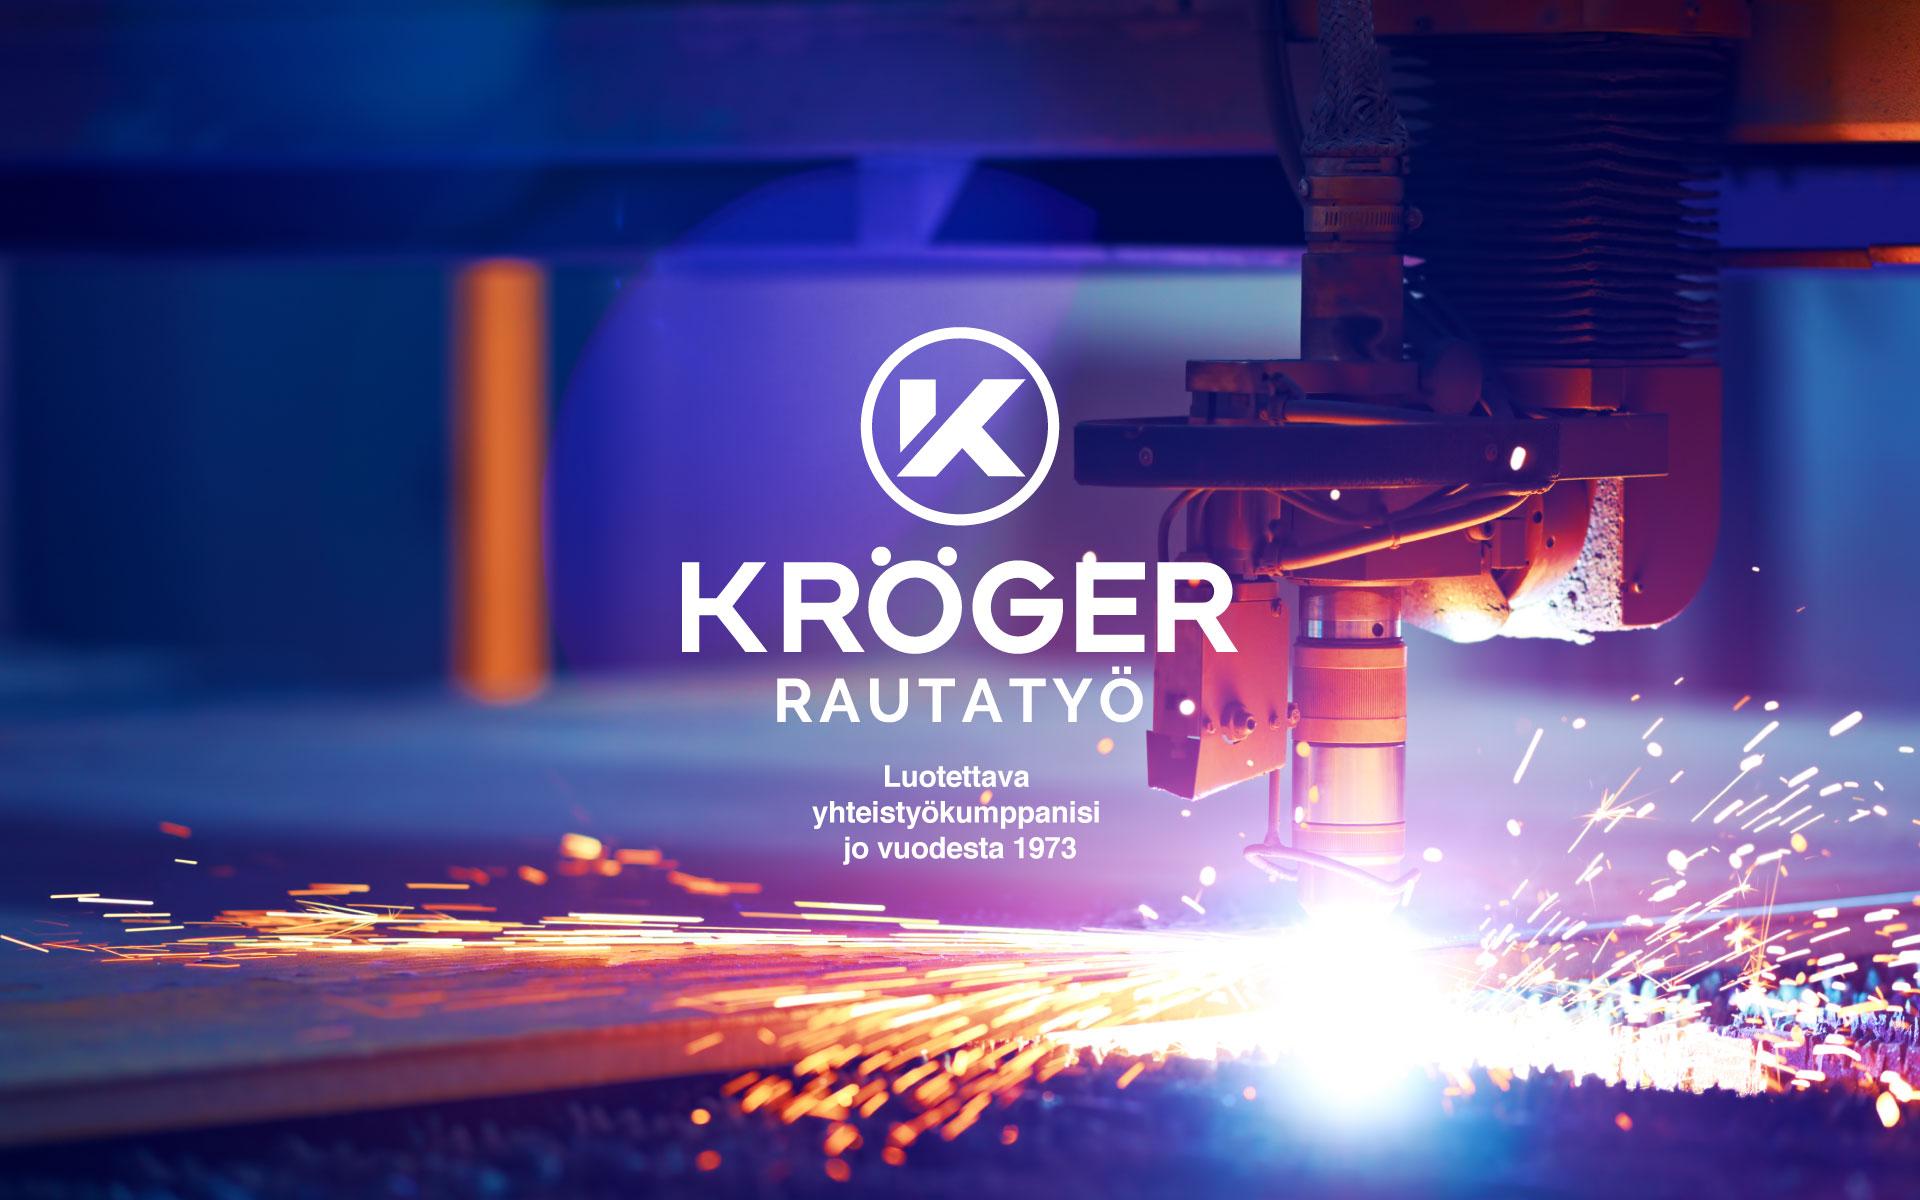 Rautatyö Kröger Yritysilme Logo Värimaailma Typografia Grano